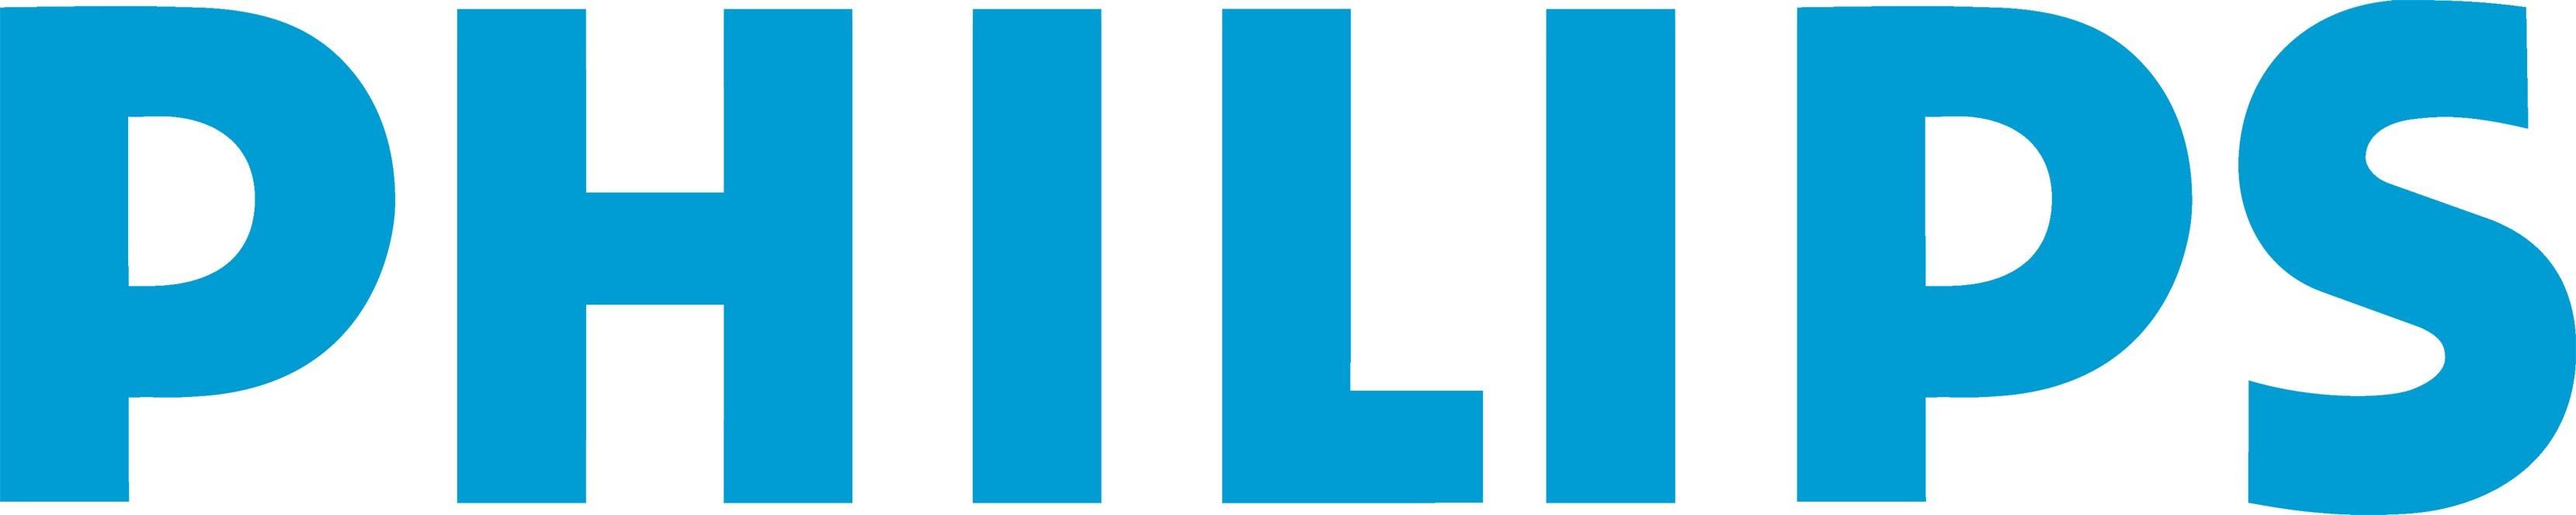 philips logo 519 free transparent png logos